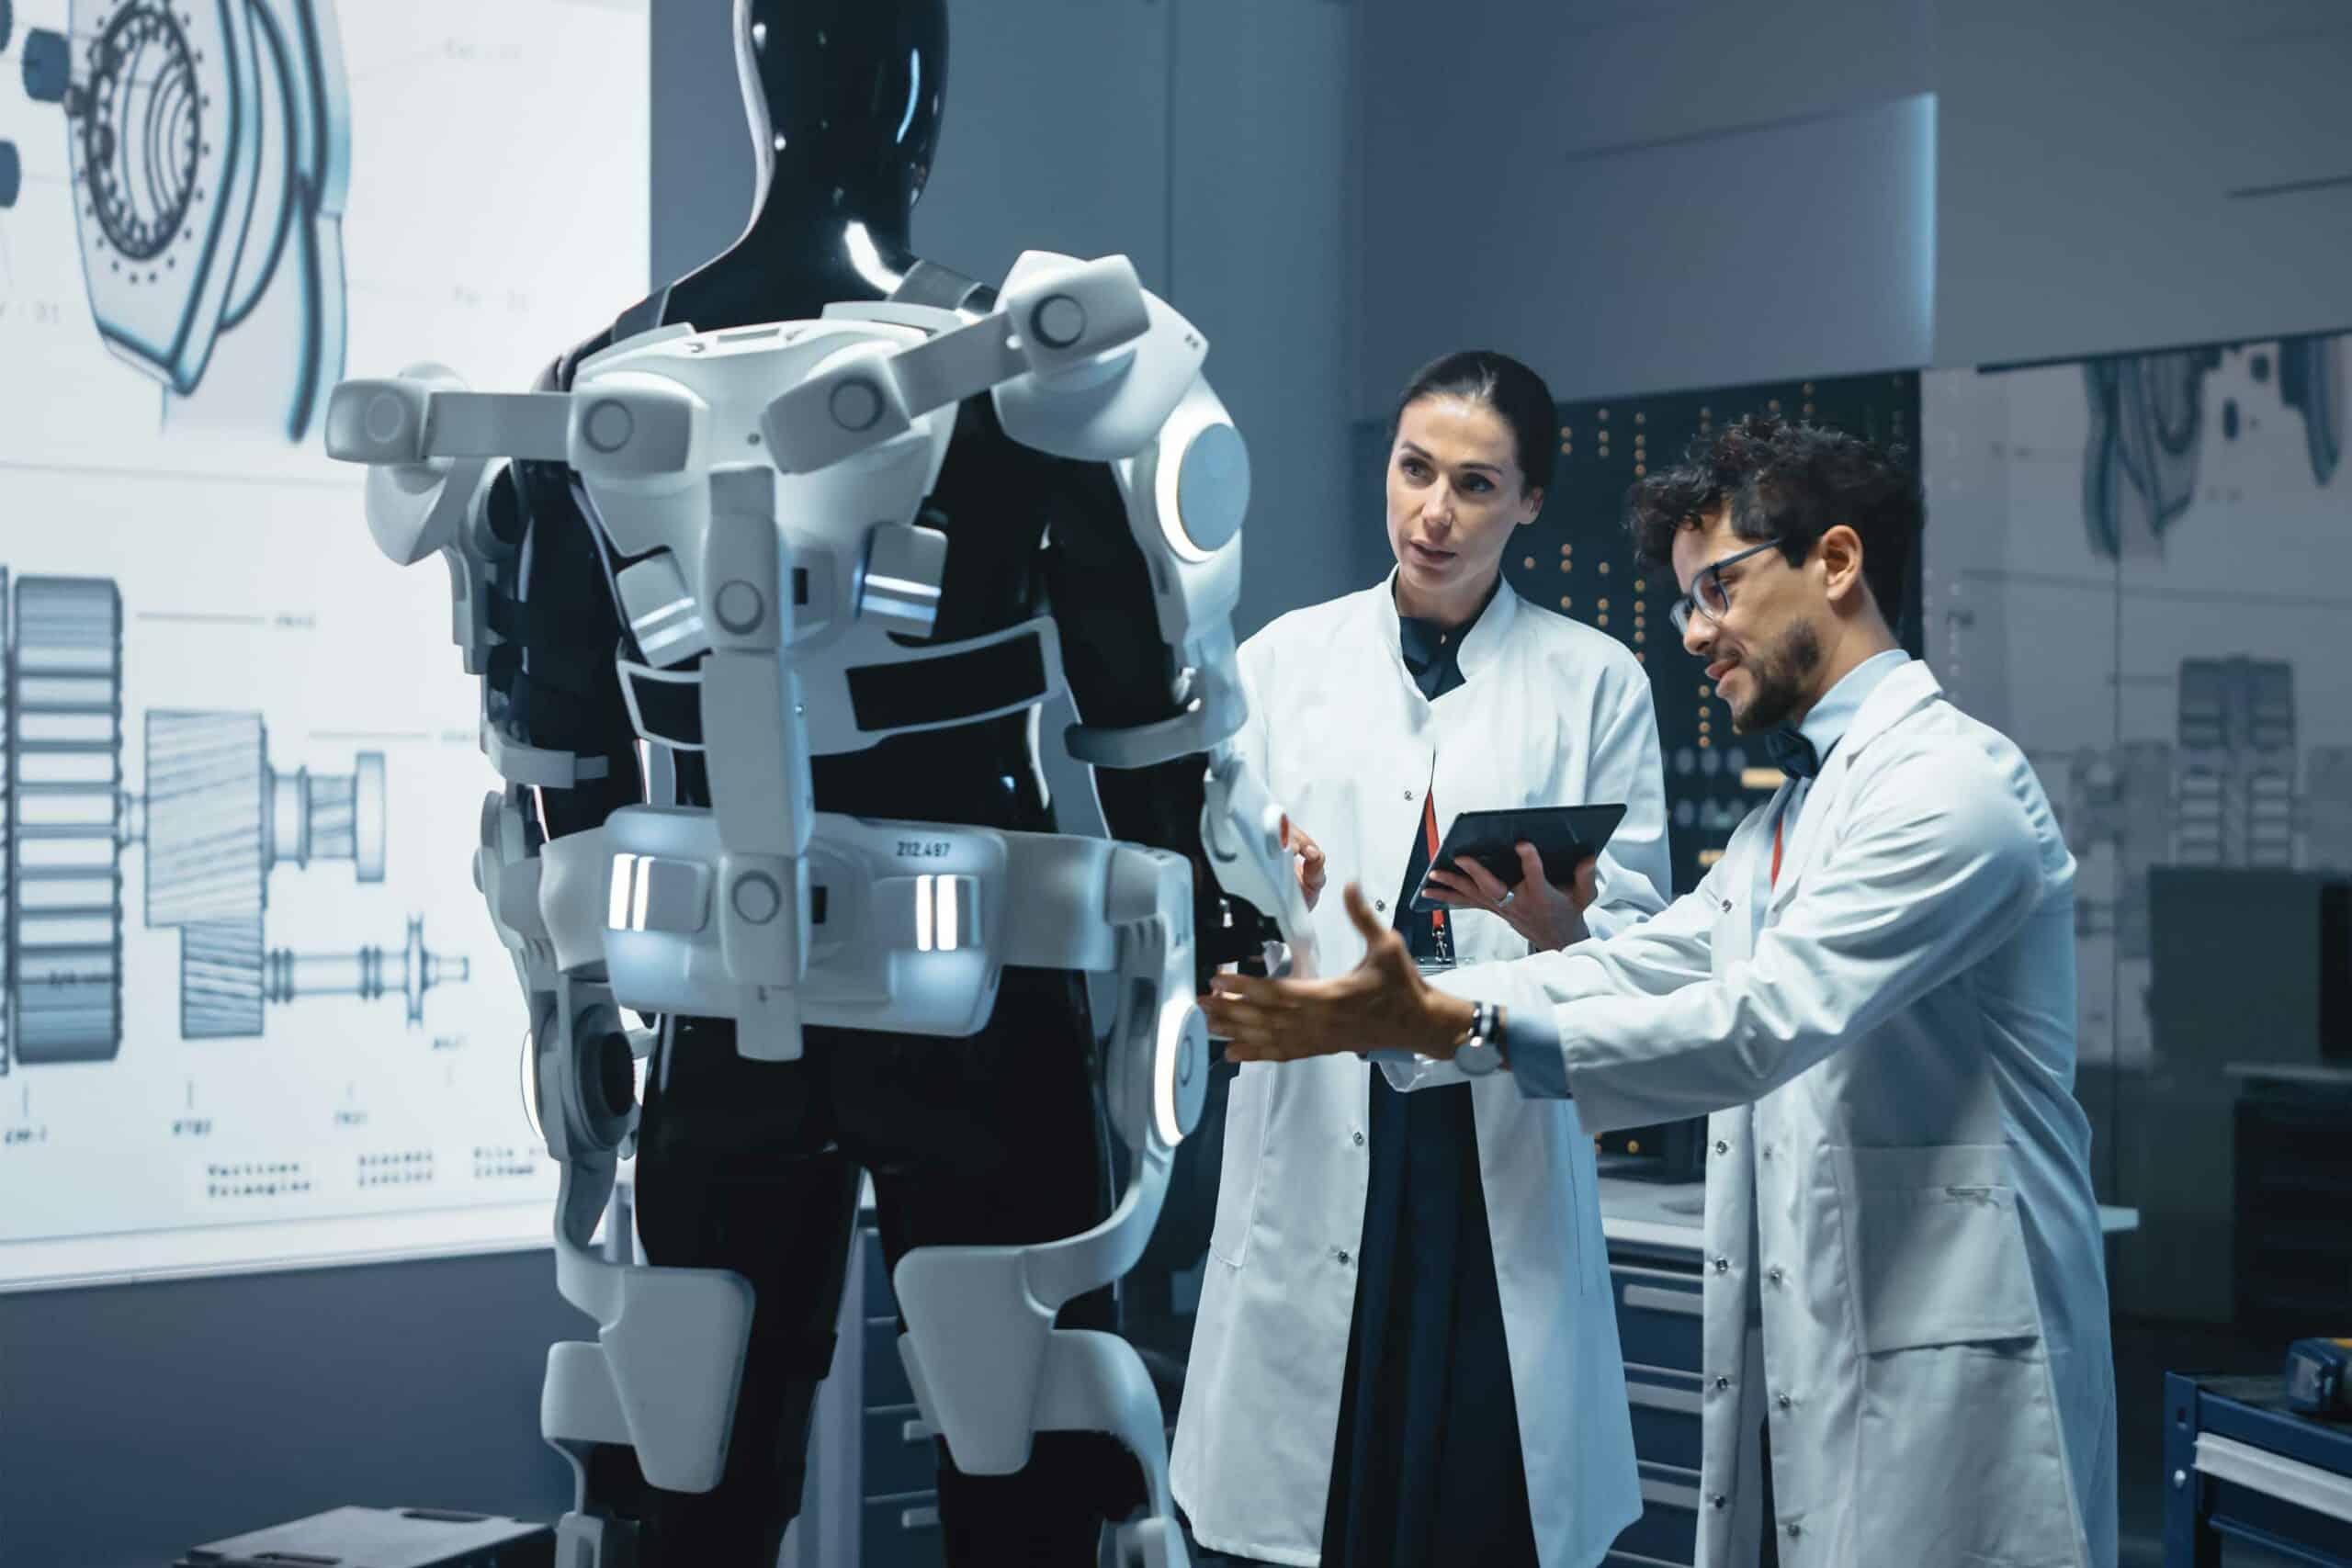 Künstliche Intelligenz in der Medizin - Exoskelett